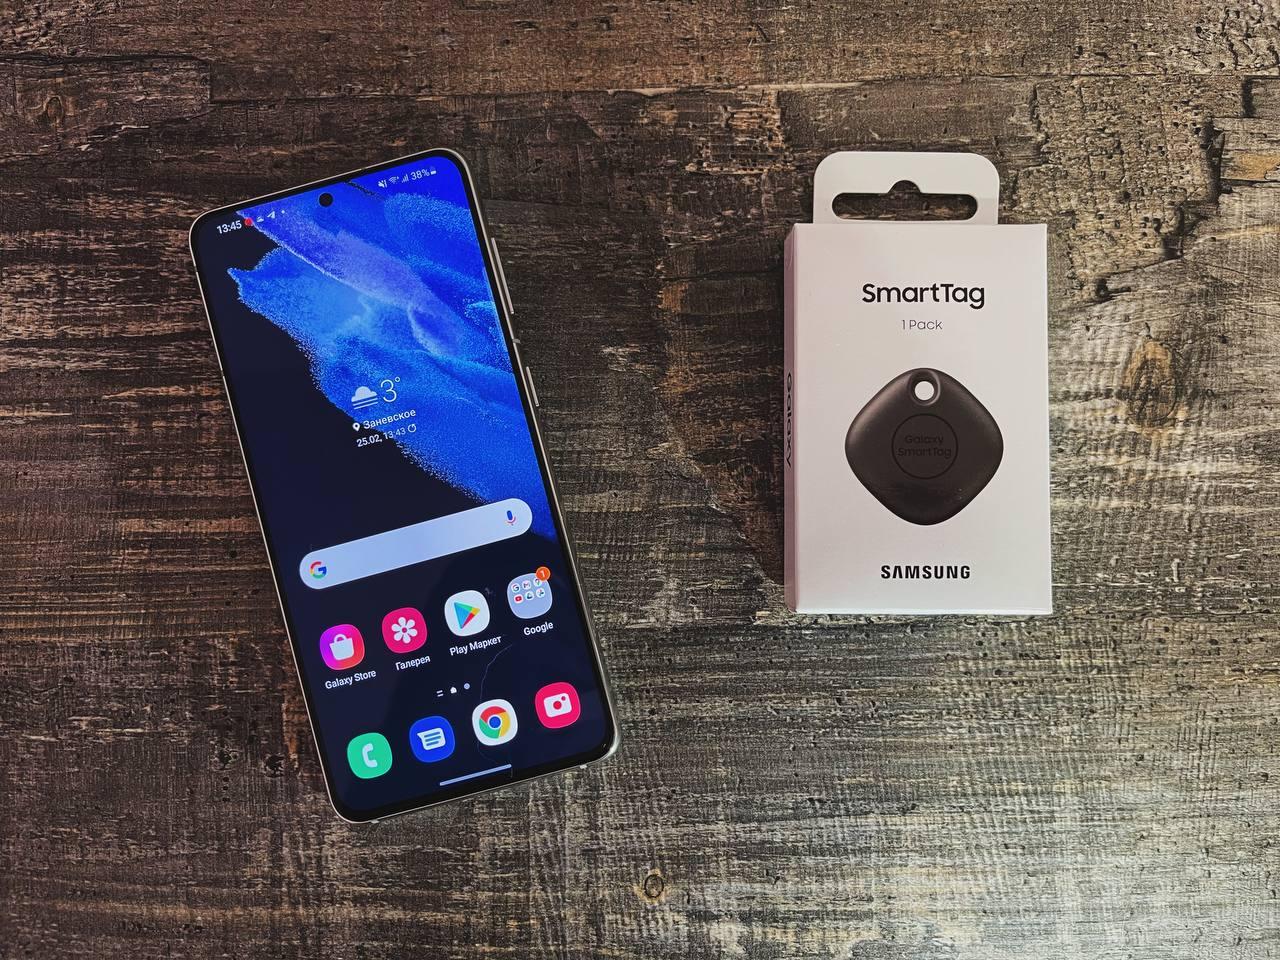 Что такое Samsung SmartTag и как эта умная метка работает